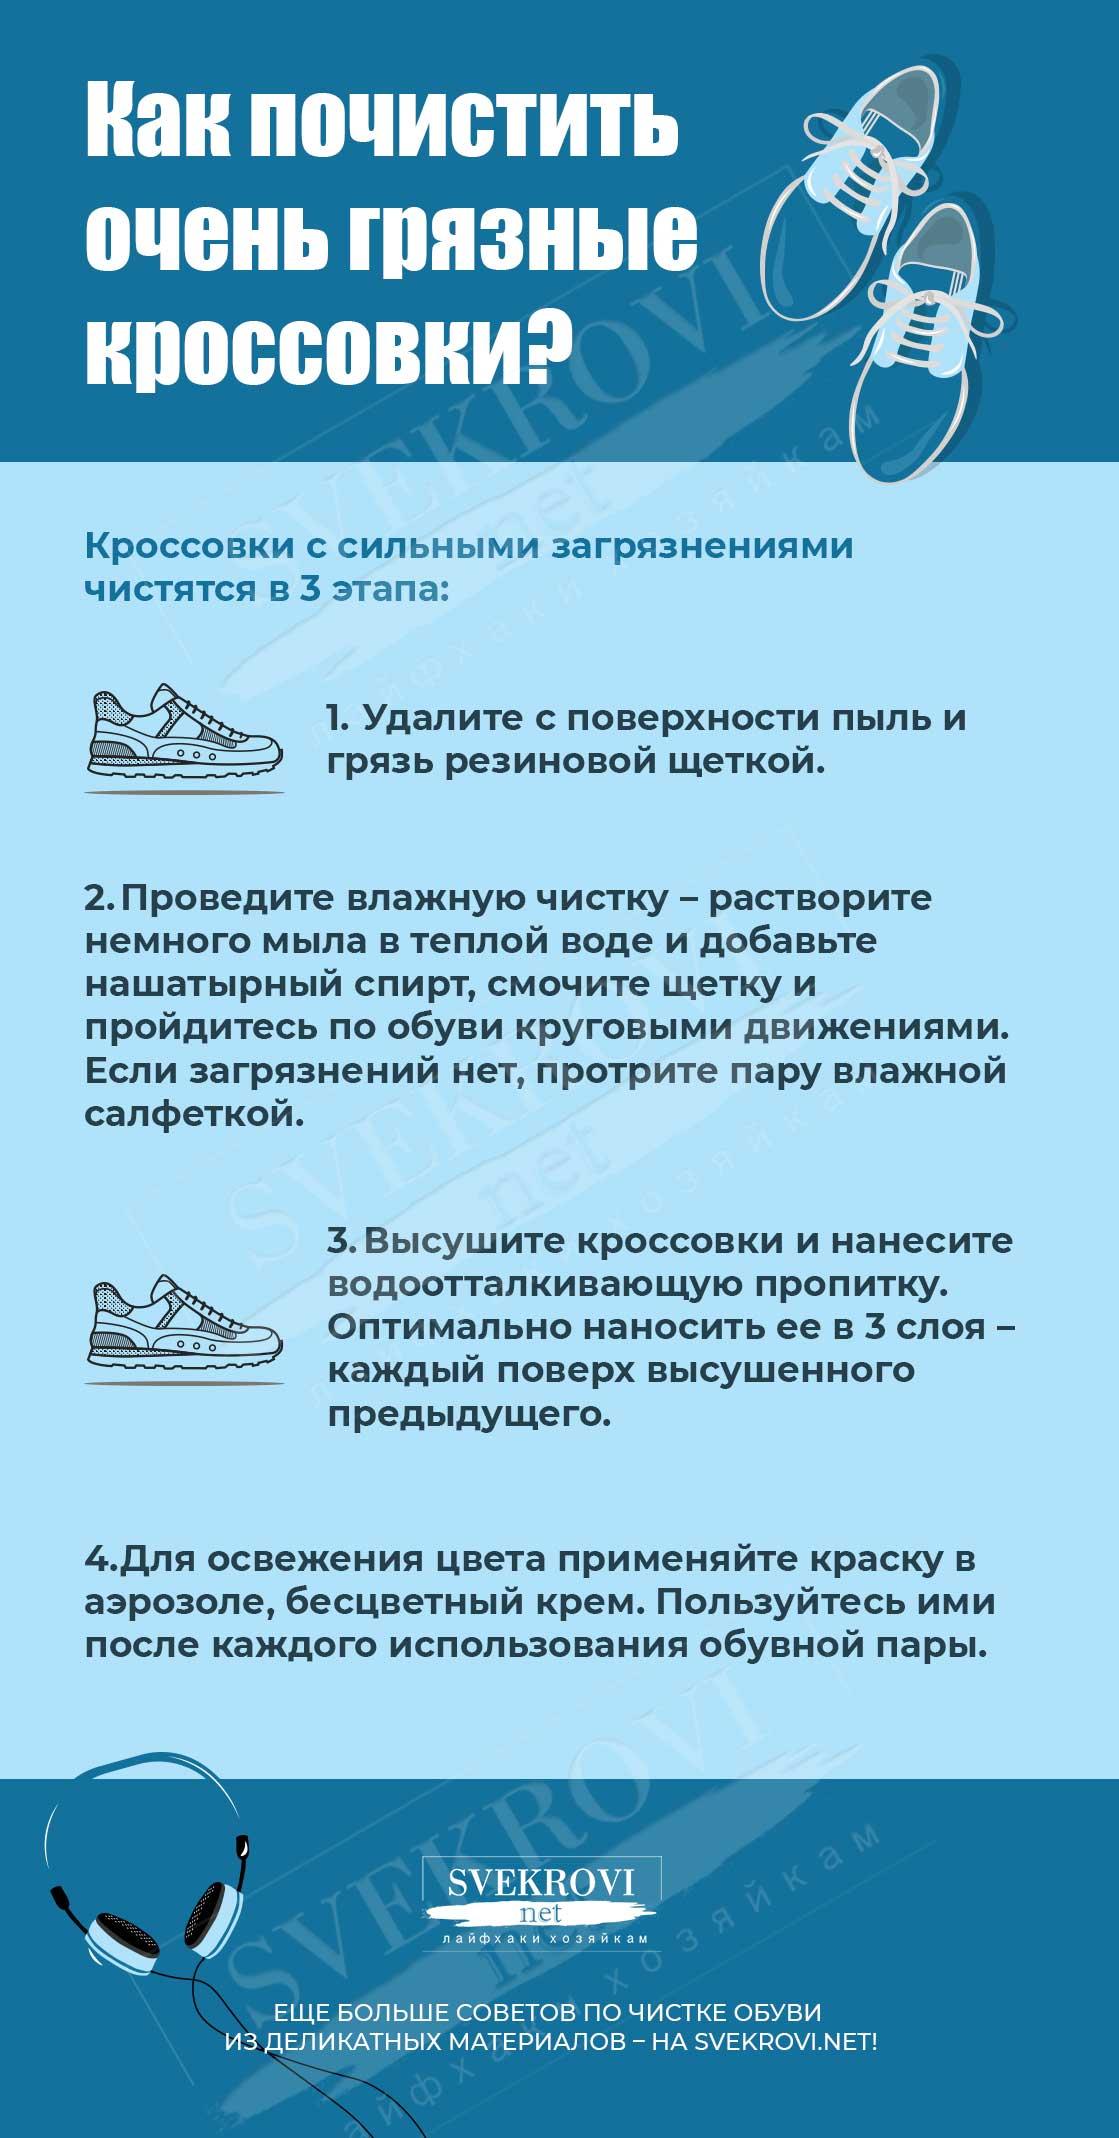 Почистить кроссовки от грязи